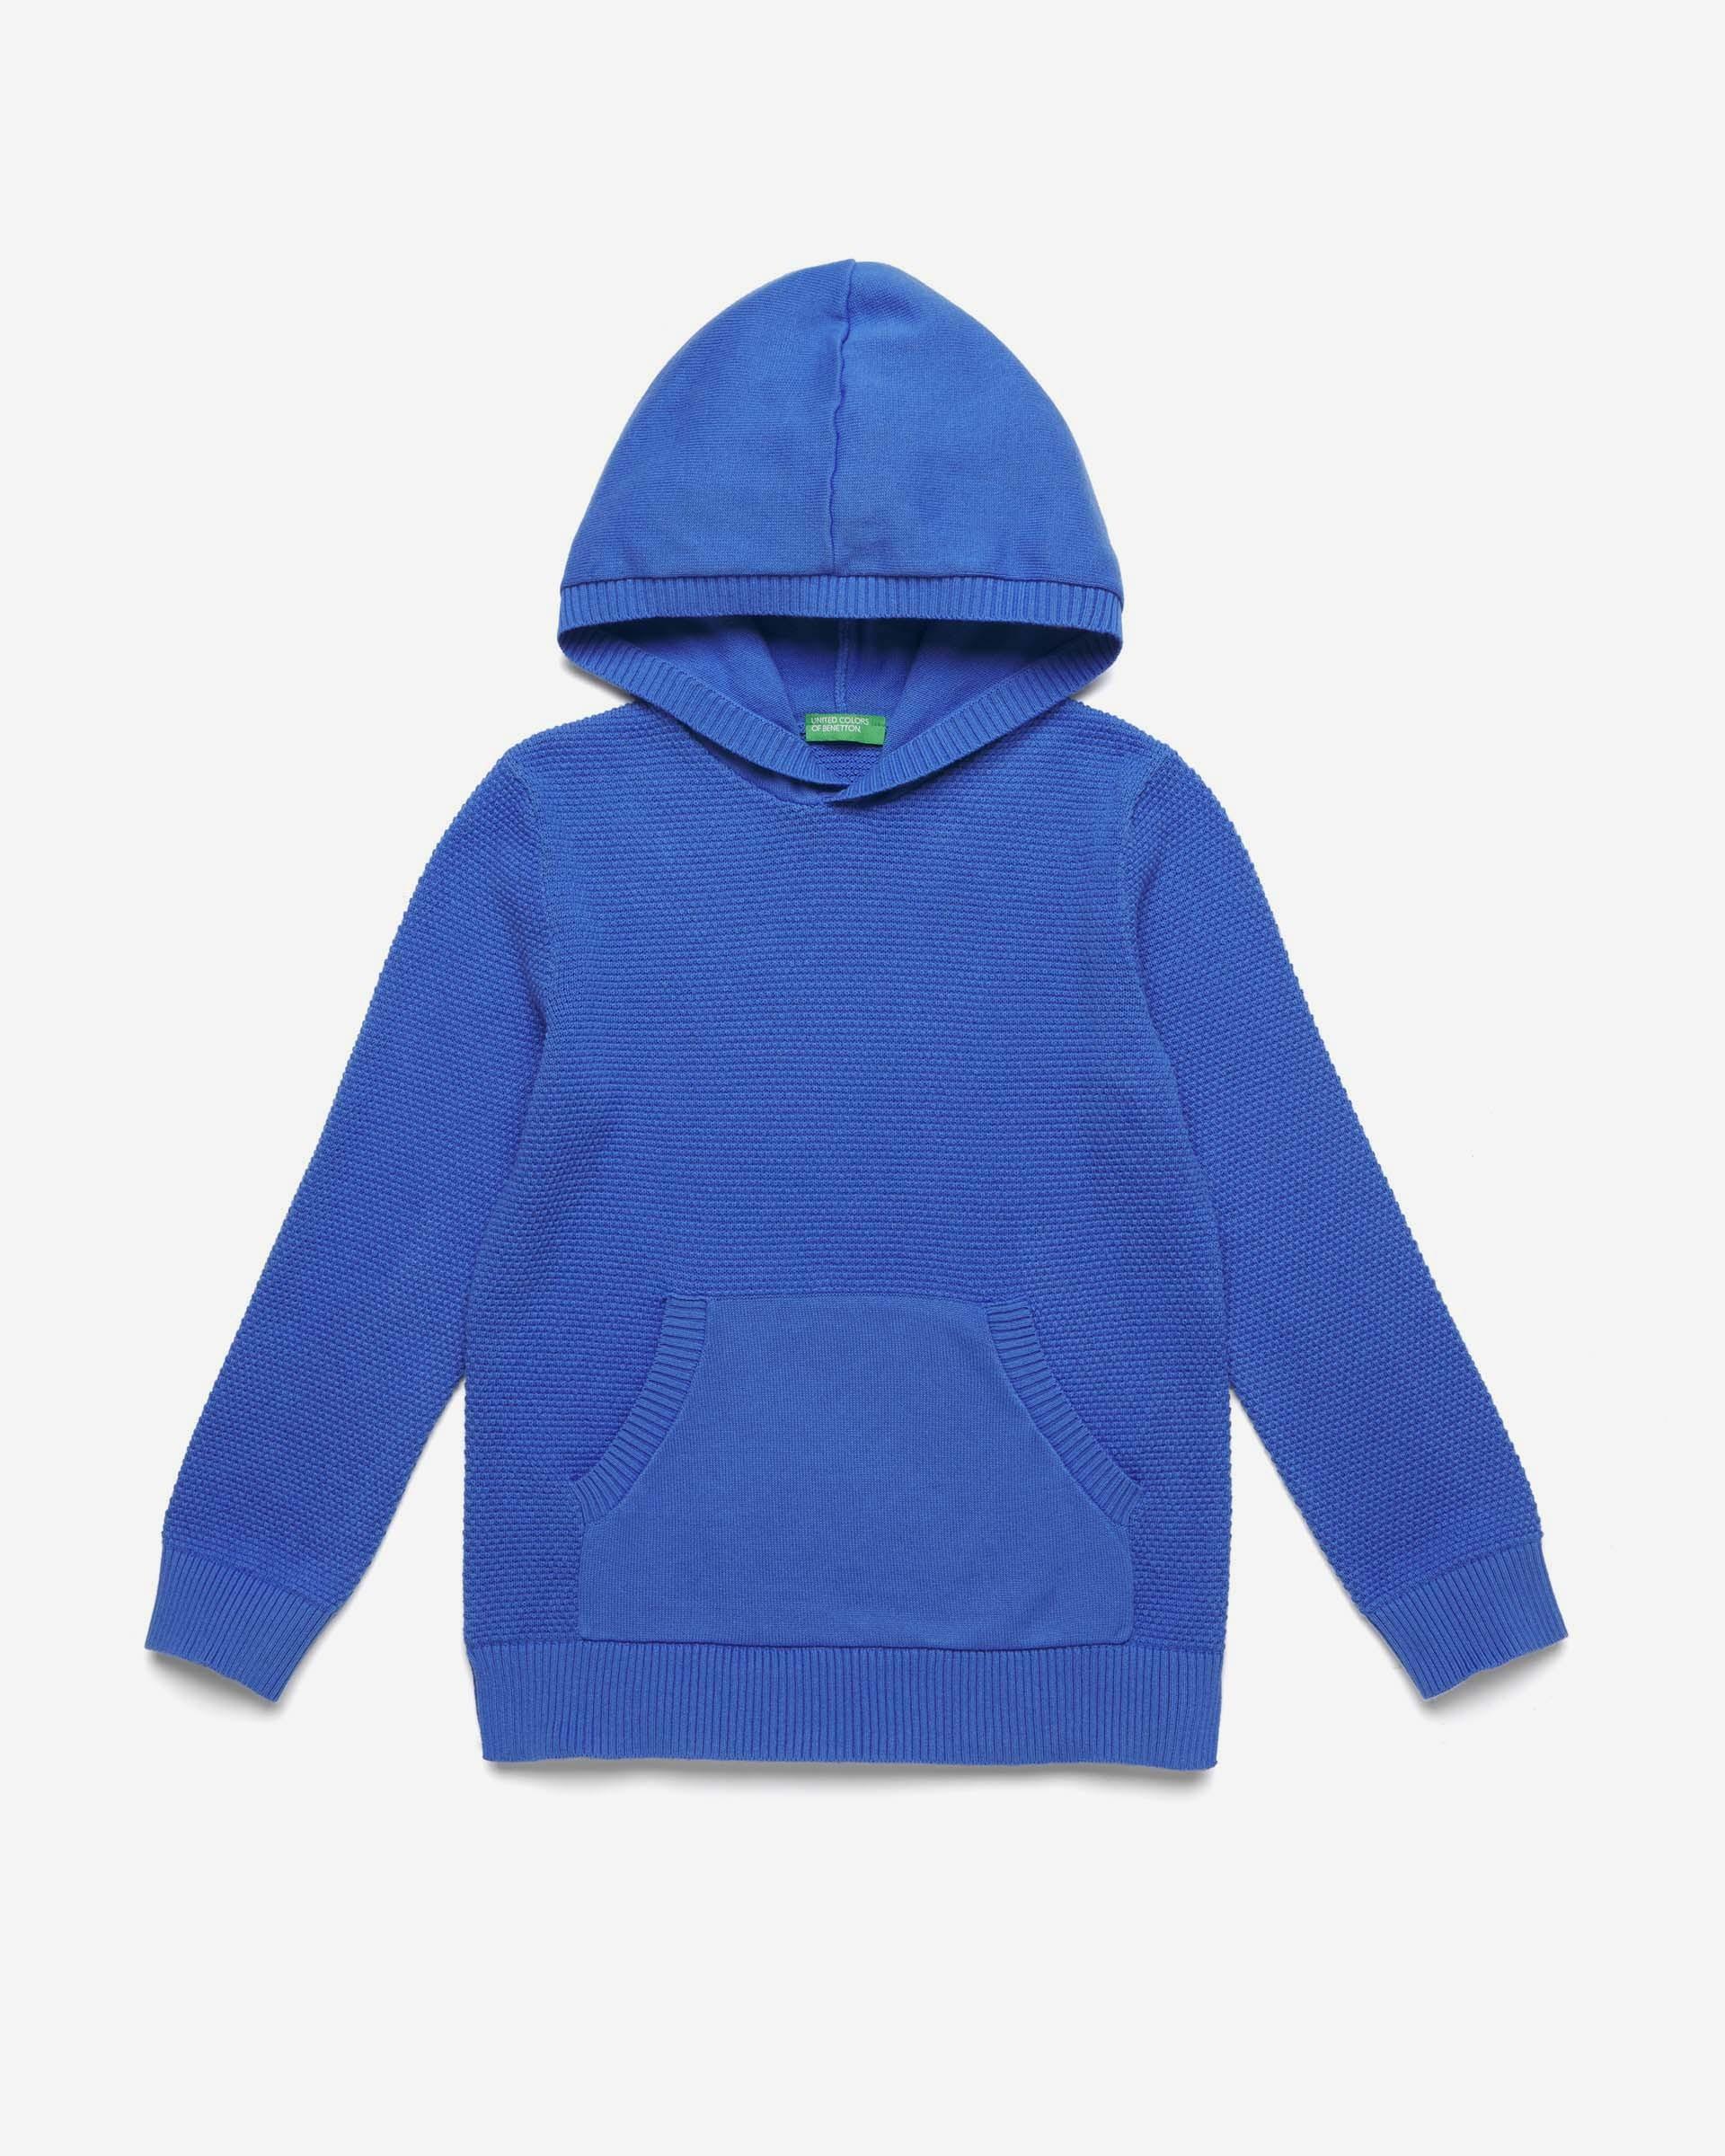 Купить 20P_10C1C2033_08A, Джемпер для мальчиков Benetton 10C1C2033_08A р-р 140, United Colors of Benetton, Джемперы для мальчиков